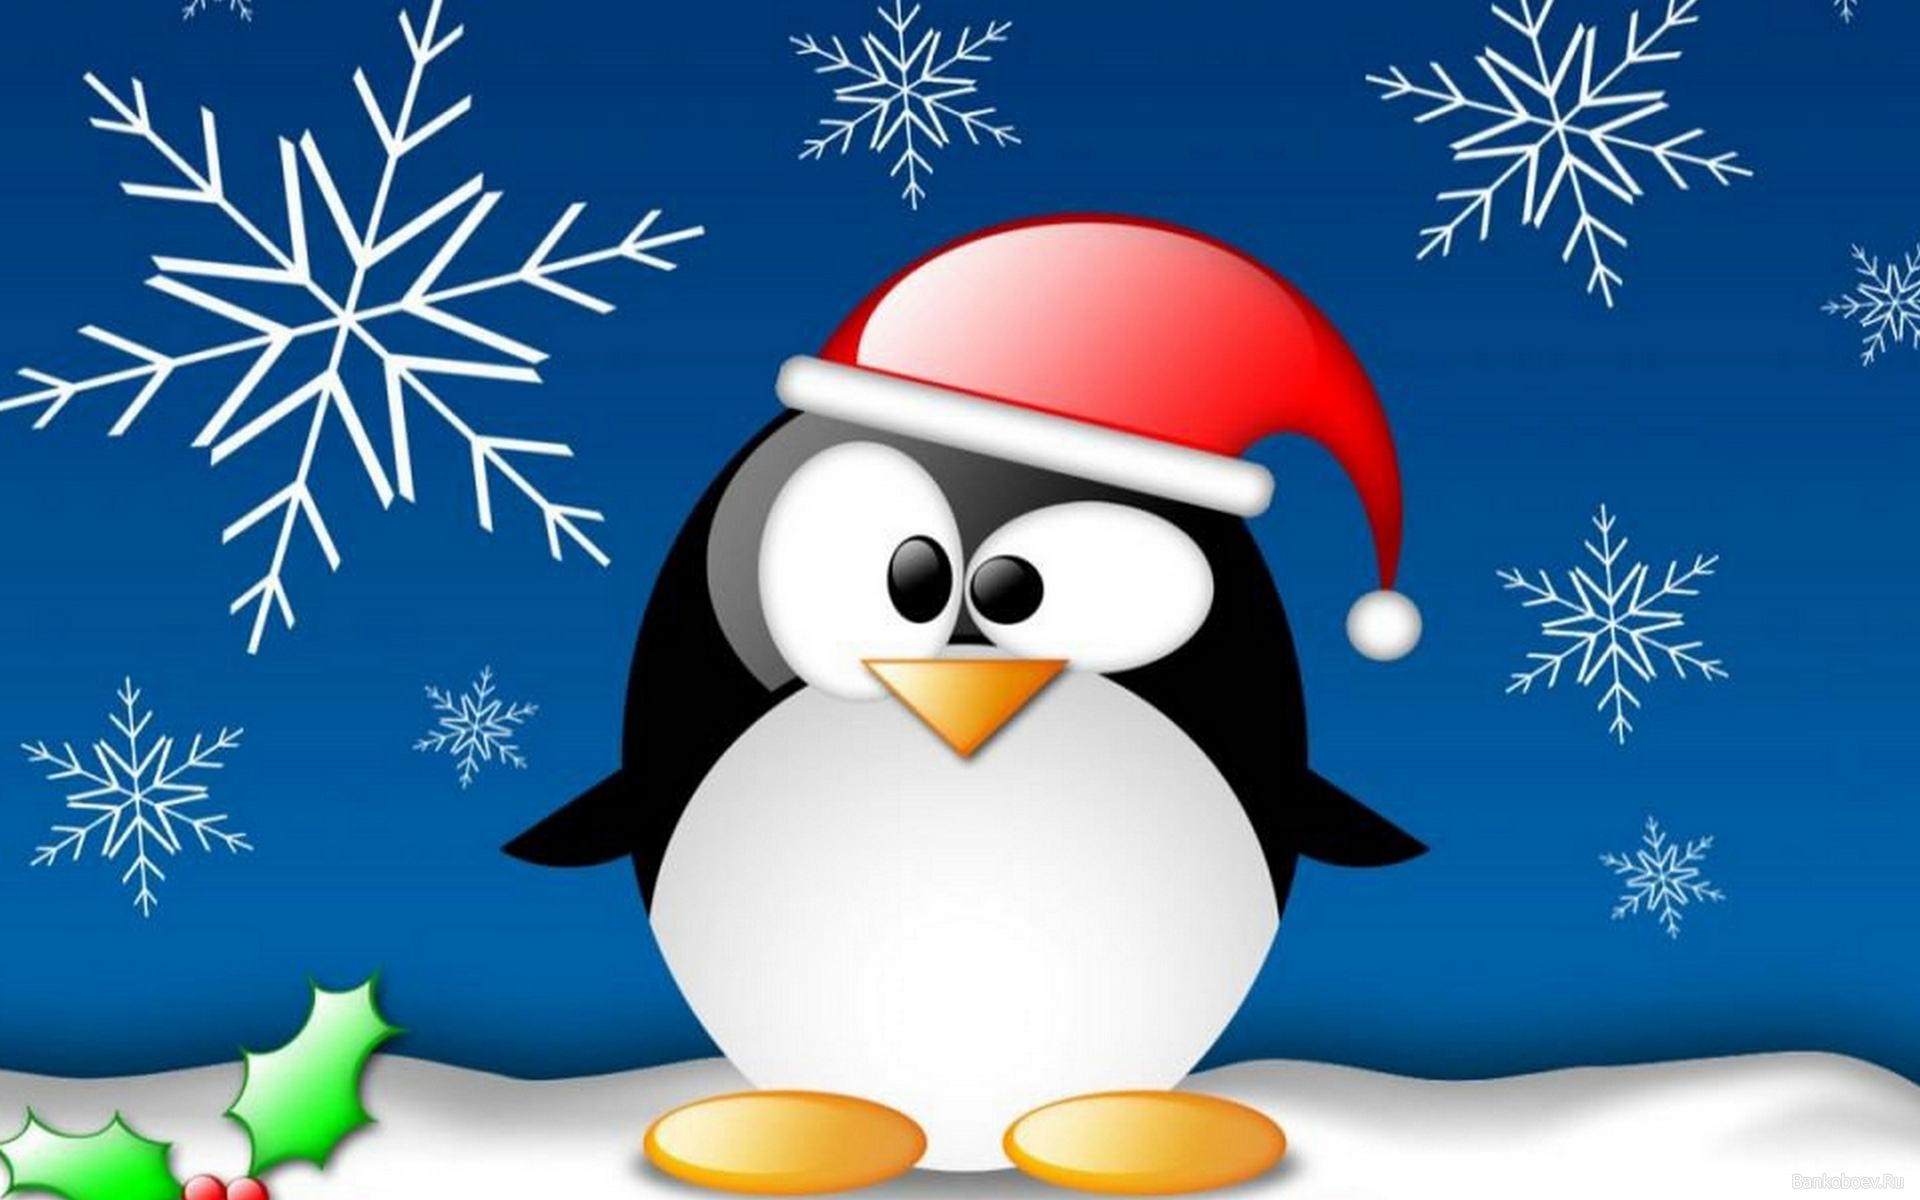 Дед мороз пингвин, Линукс, скачать обои на рабочий стол, Linux Santa Claus wallpaper